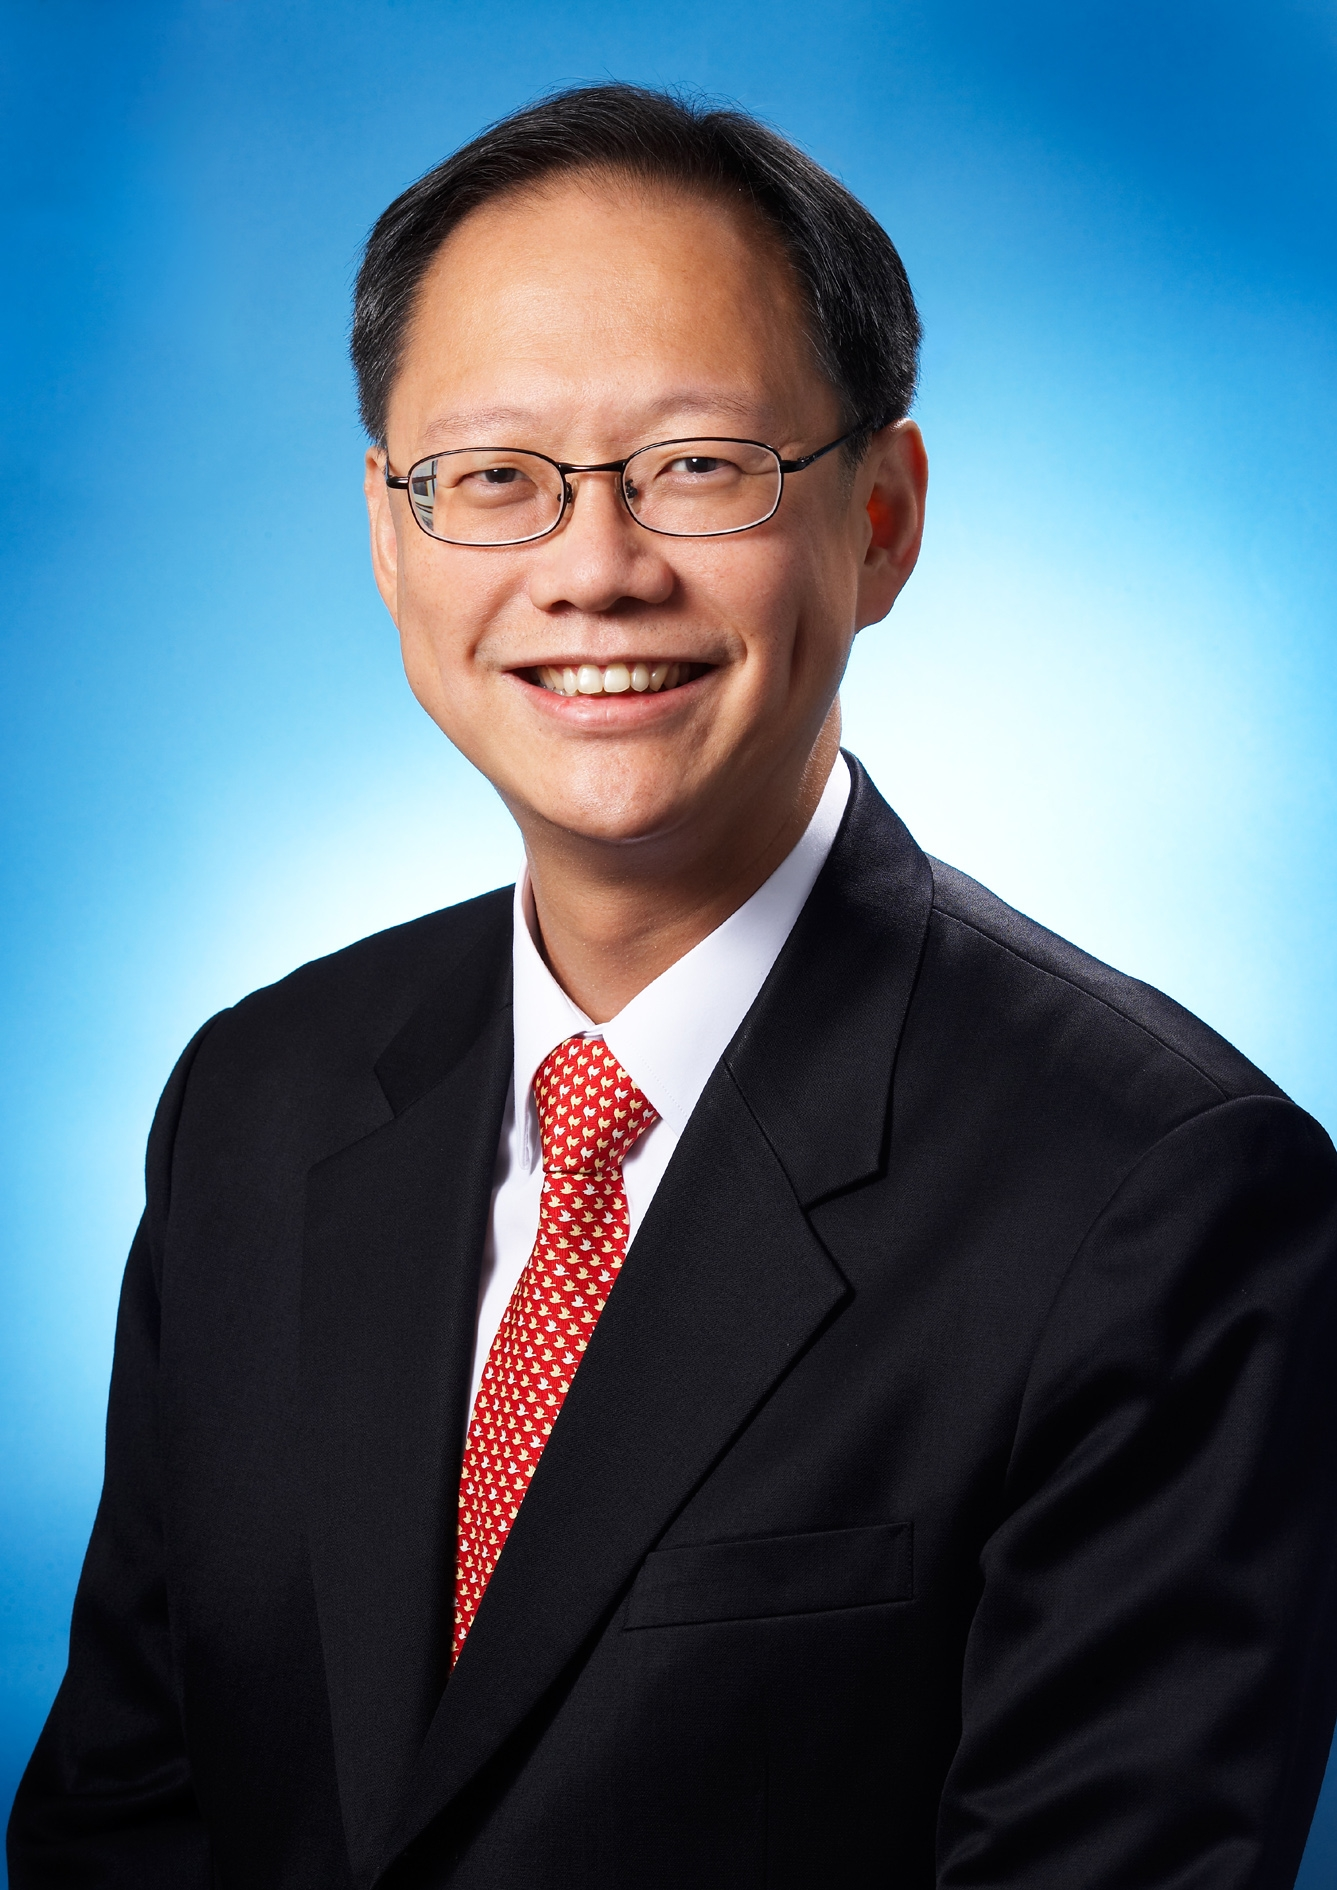 Phillip Chen Net Worth